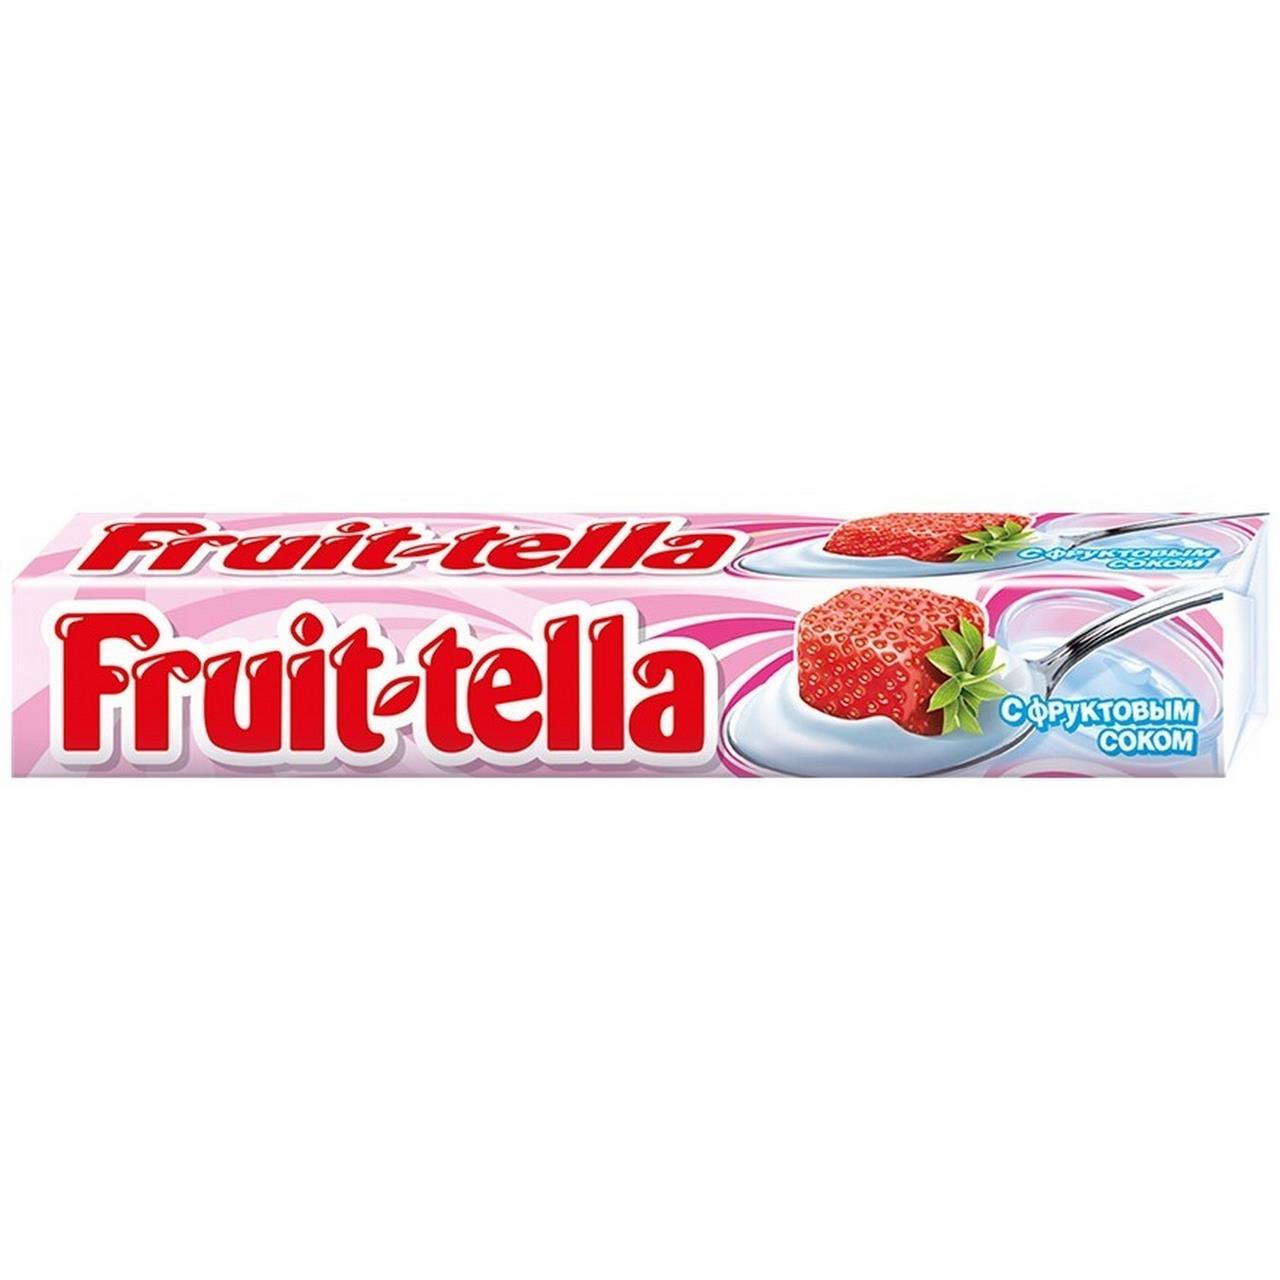 Жевательная конфета FRUIT-TELLA клубника и йогурт, 41г